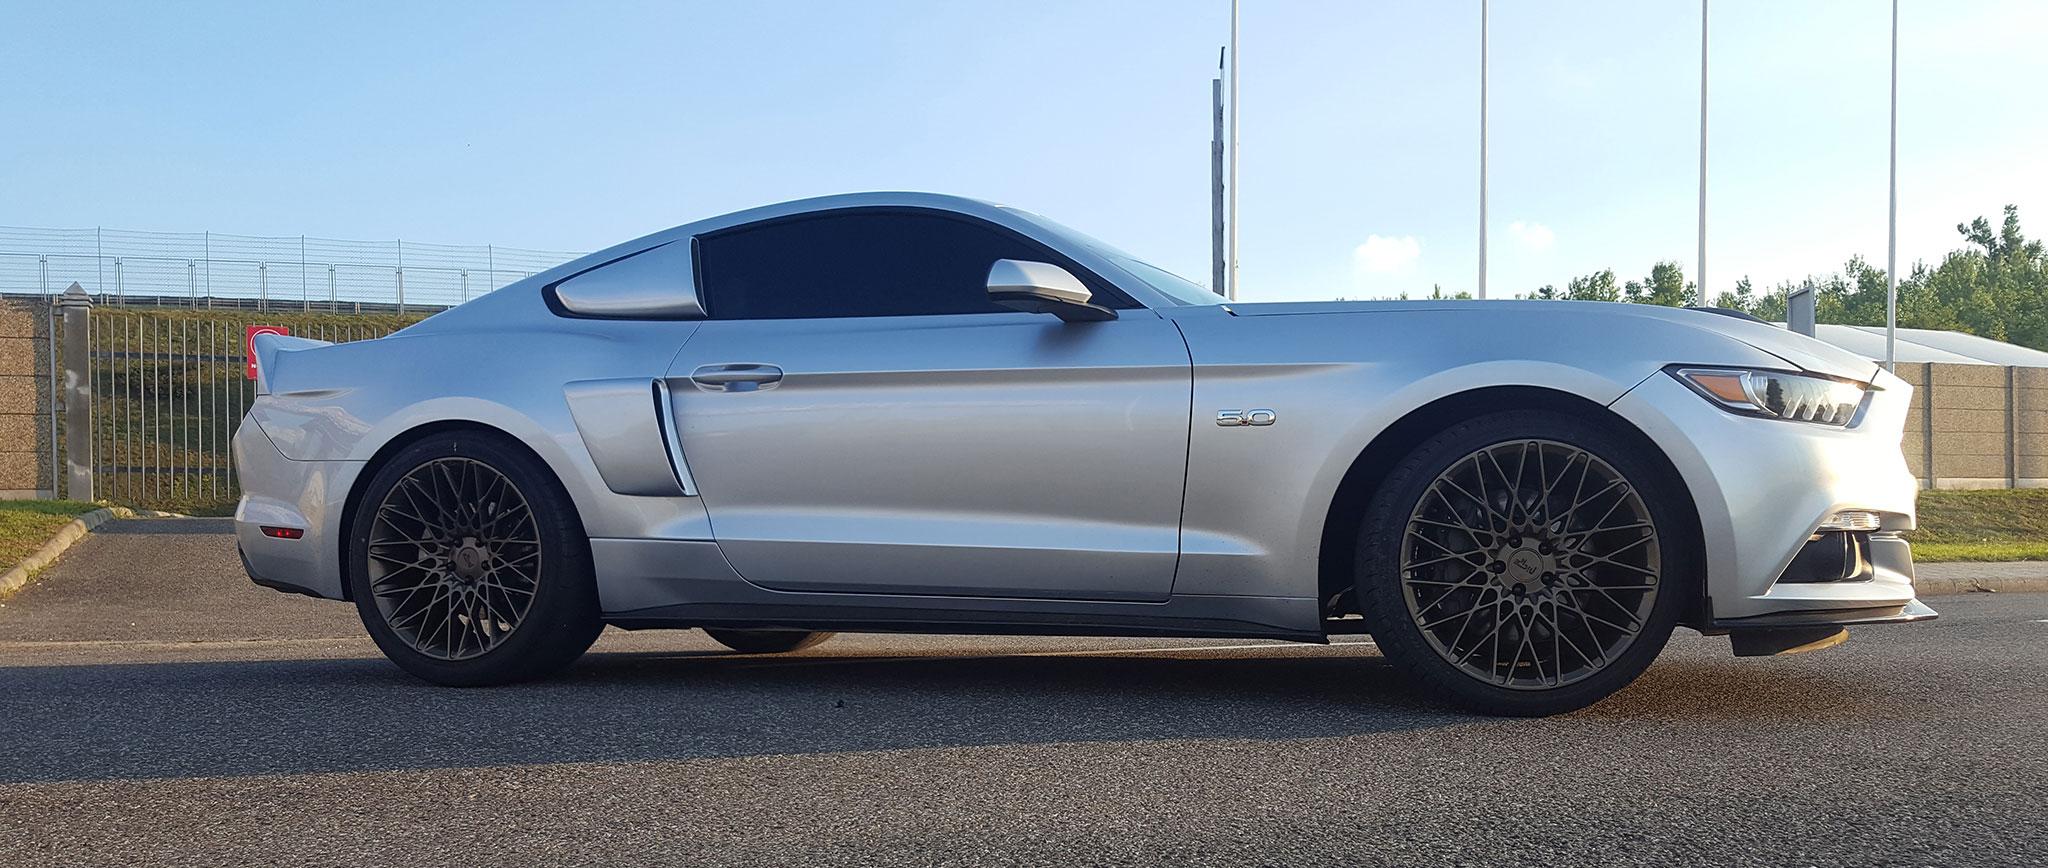 Mustang Eleanor élményvezetés az Euroringen